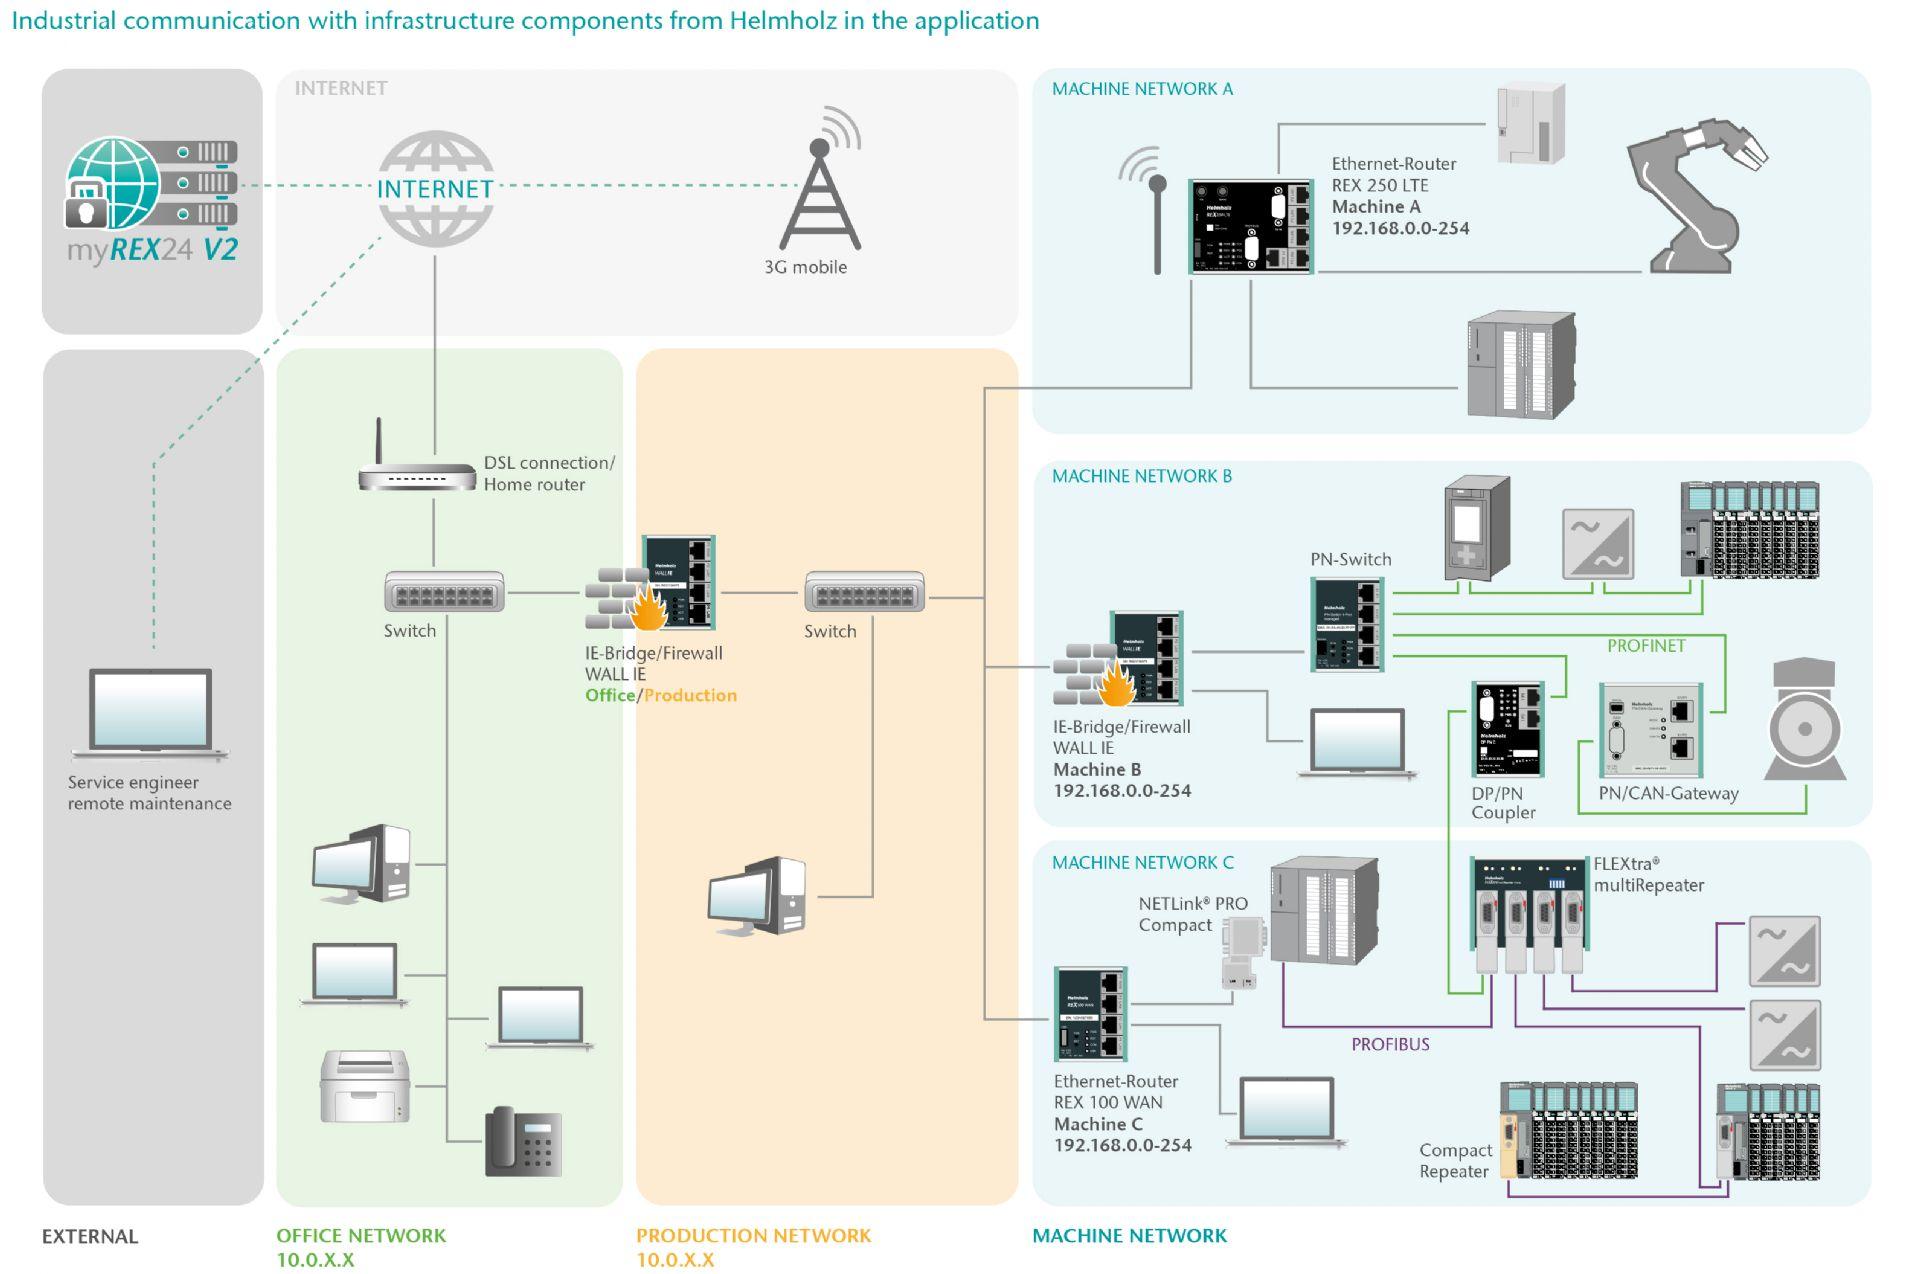 Helmholz, soluzioni innovative per le reti di comunicazione industriale